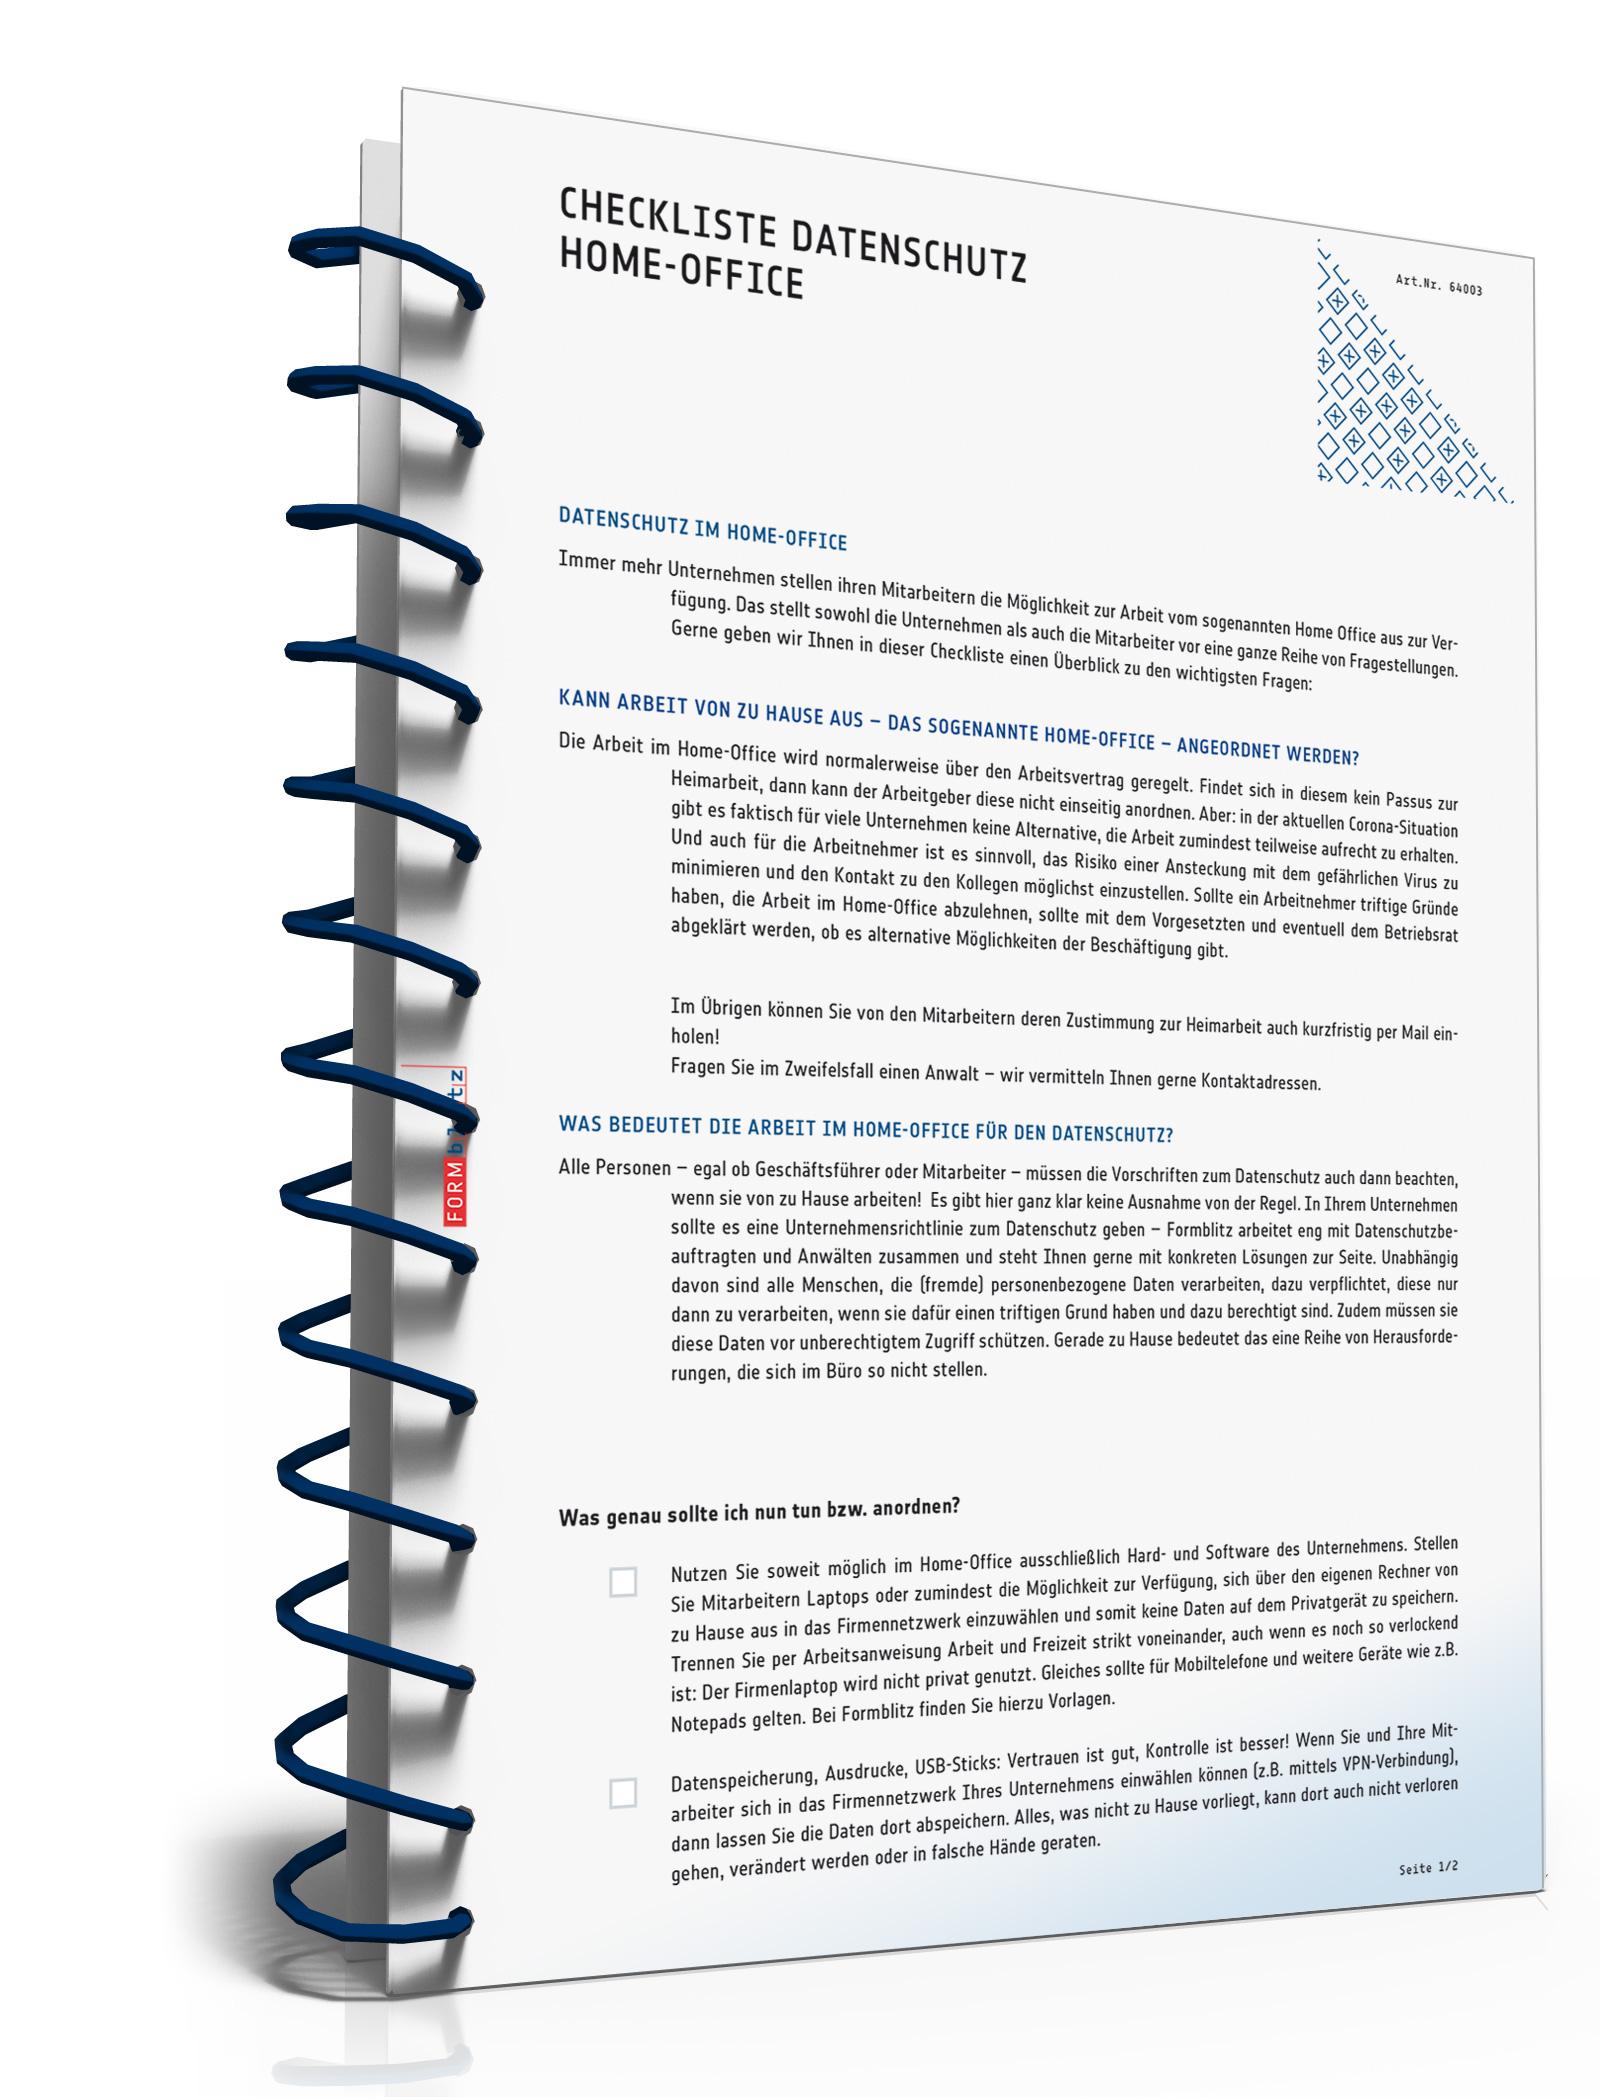 Checkliste Datenschutz Home-Office